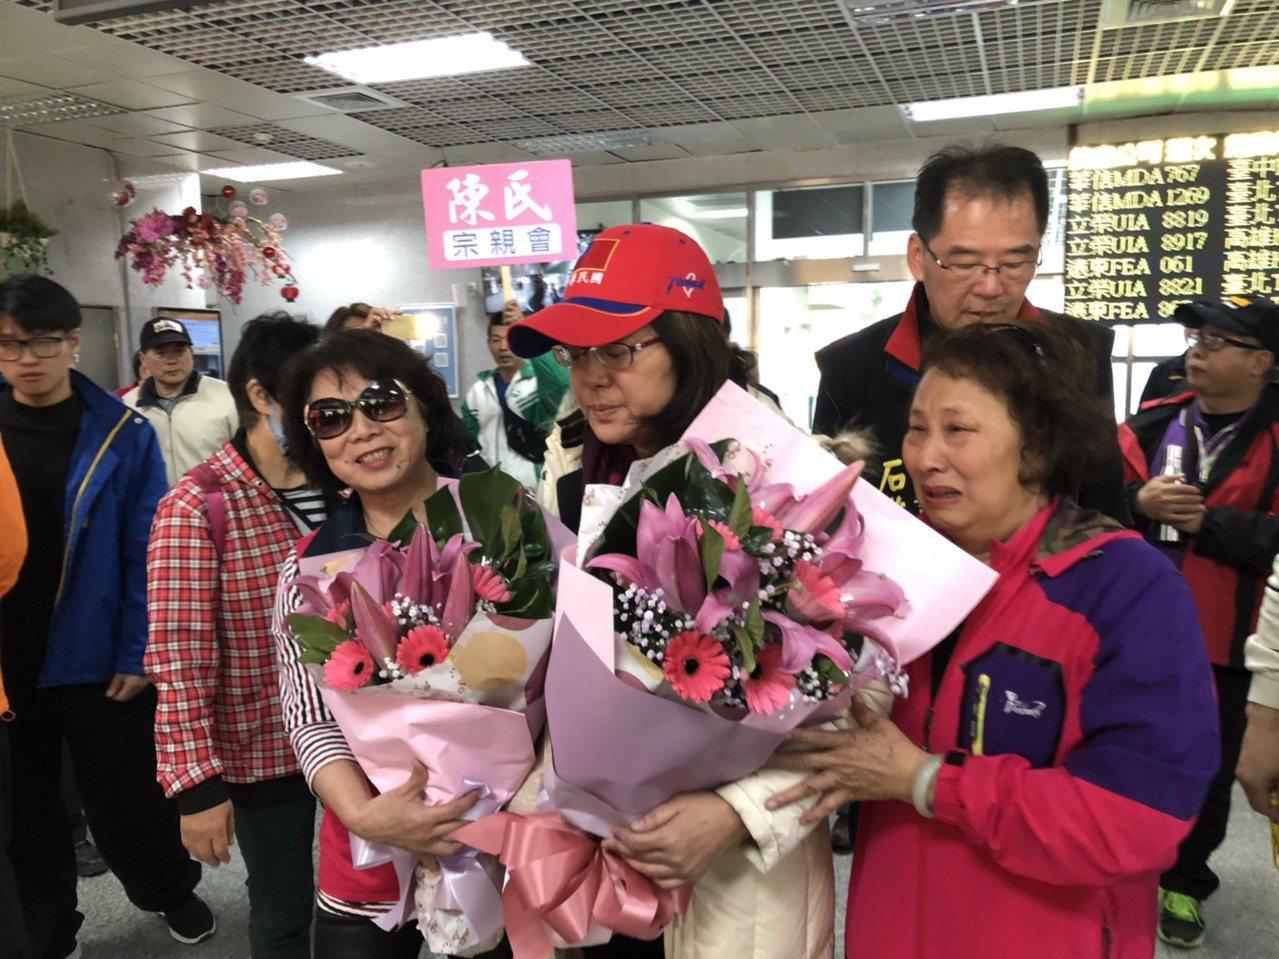 立委陳玉珍昨天在母親與助理的陪同下,搭飛機返回金門,但看起來還是很虛弱。記者蔡家...